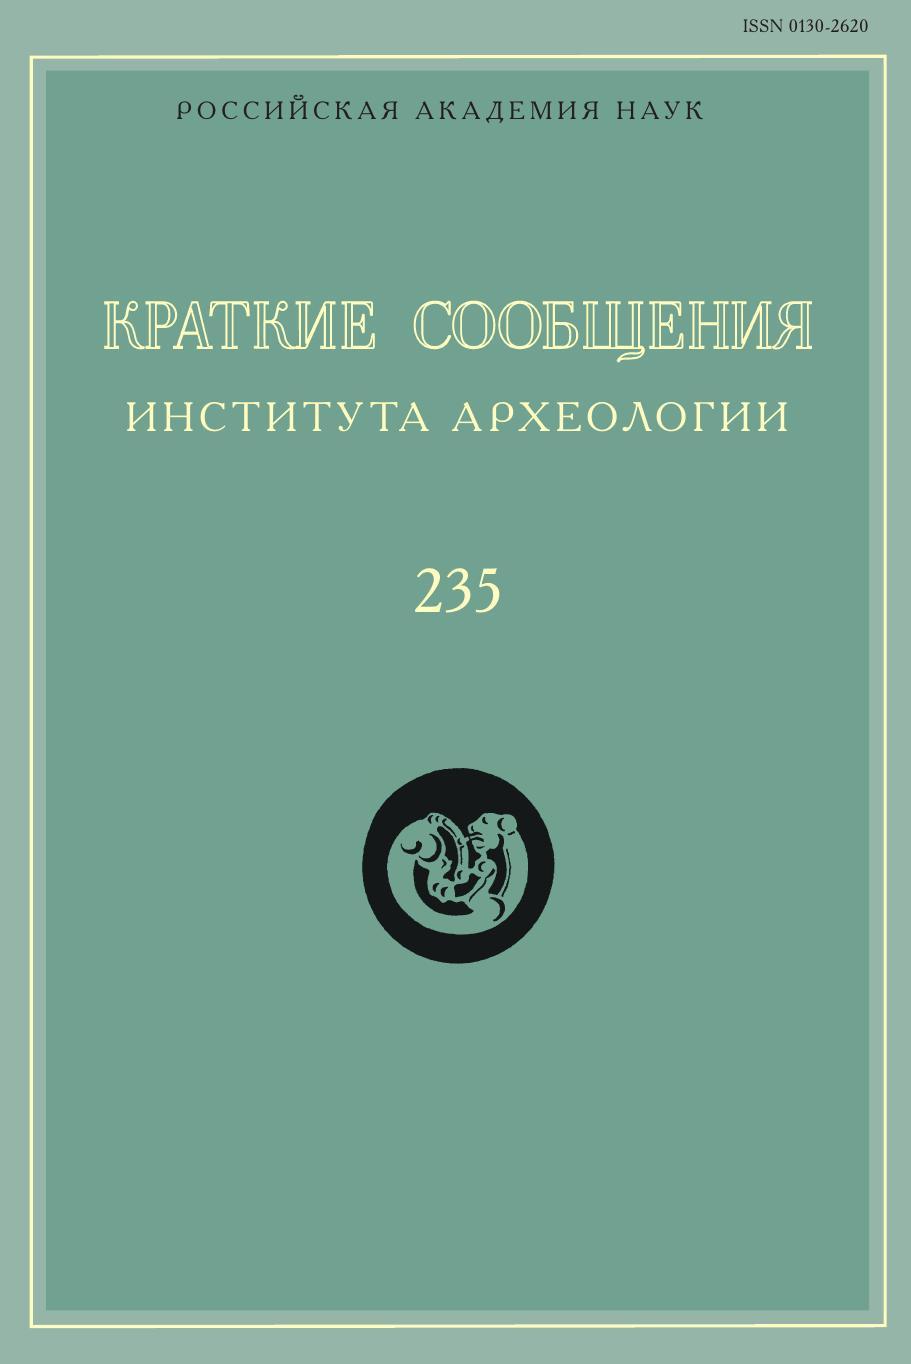 Н. Макаров Краткие сообщения Института археологии. Выпуск 235 краткие сообщения института археологии выпуск 245 часть 2